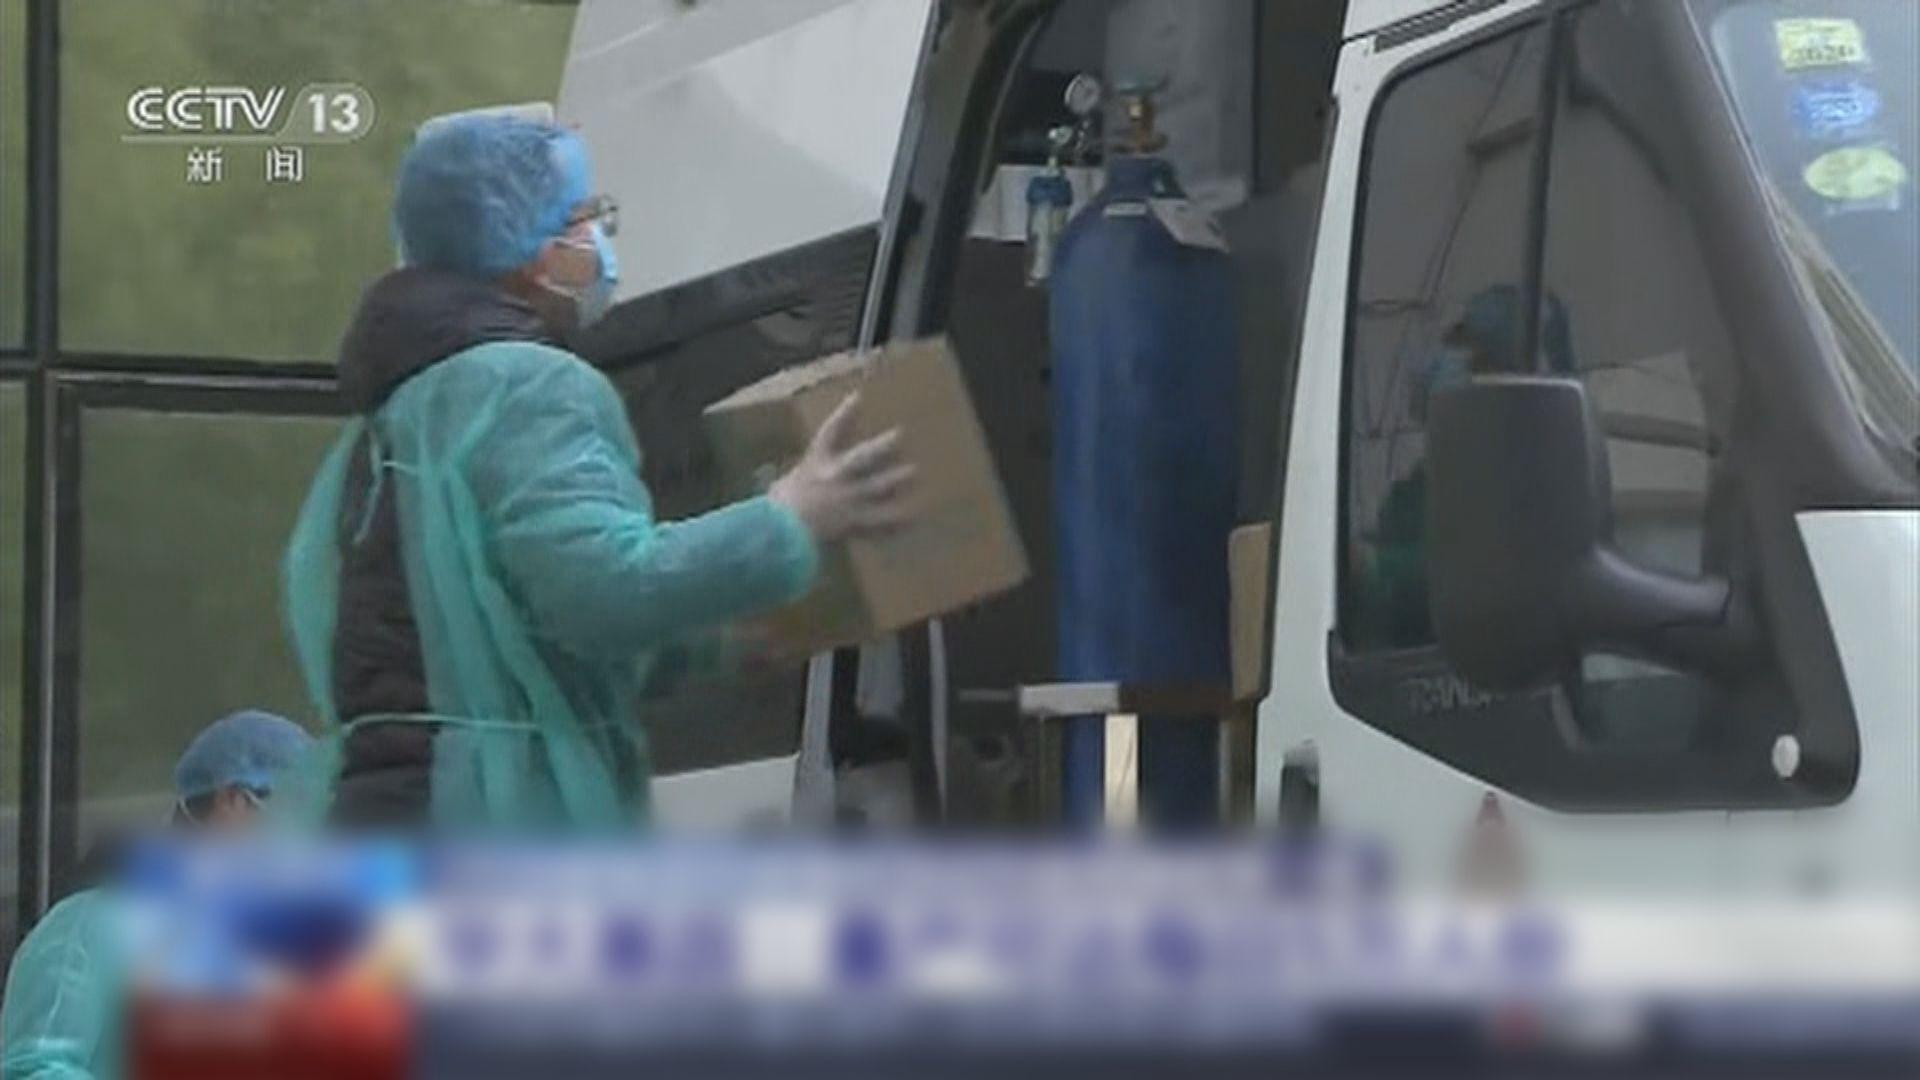 武漢市面冷清 有醫院指醫療物資仍不足